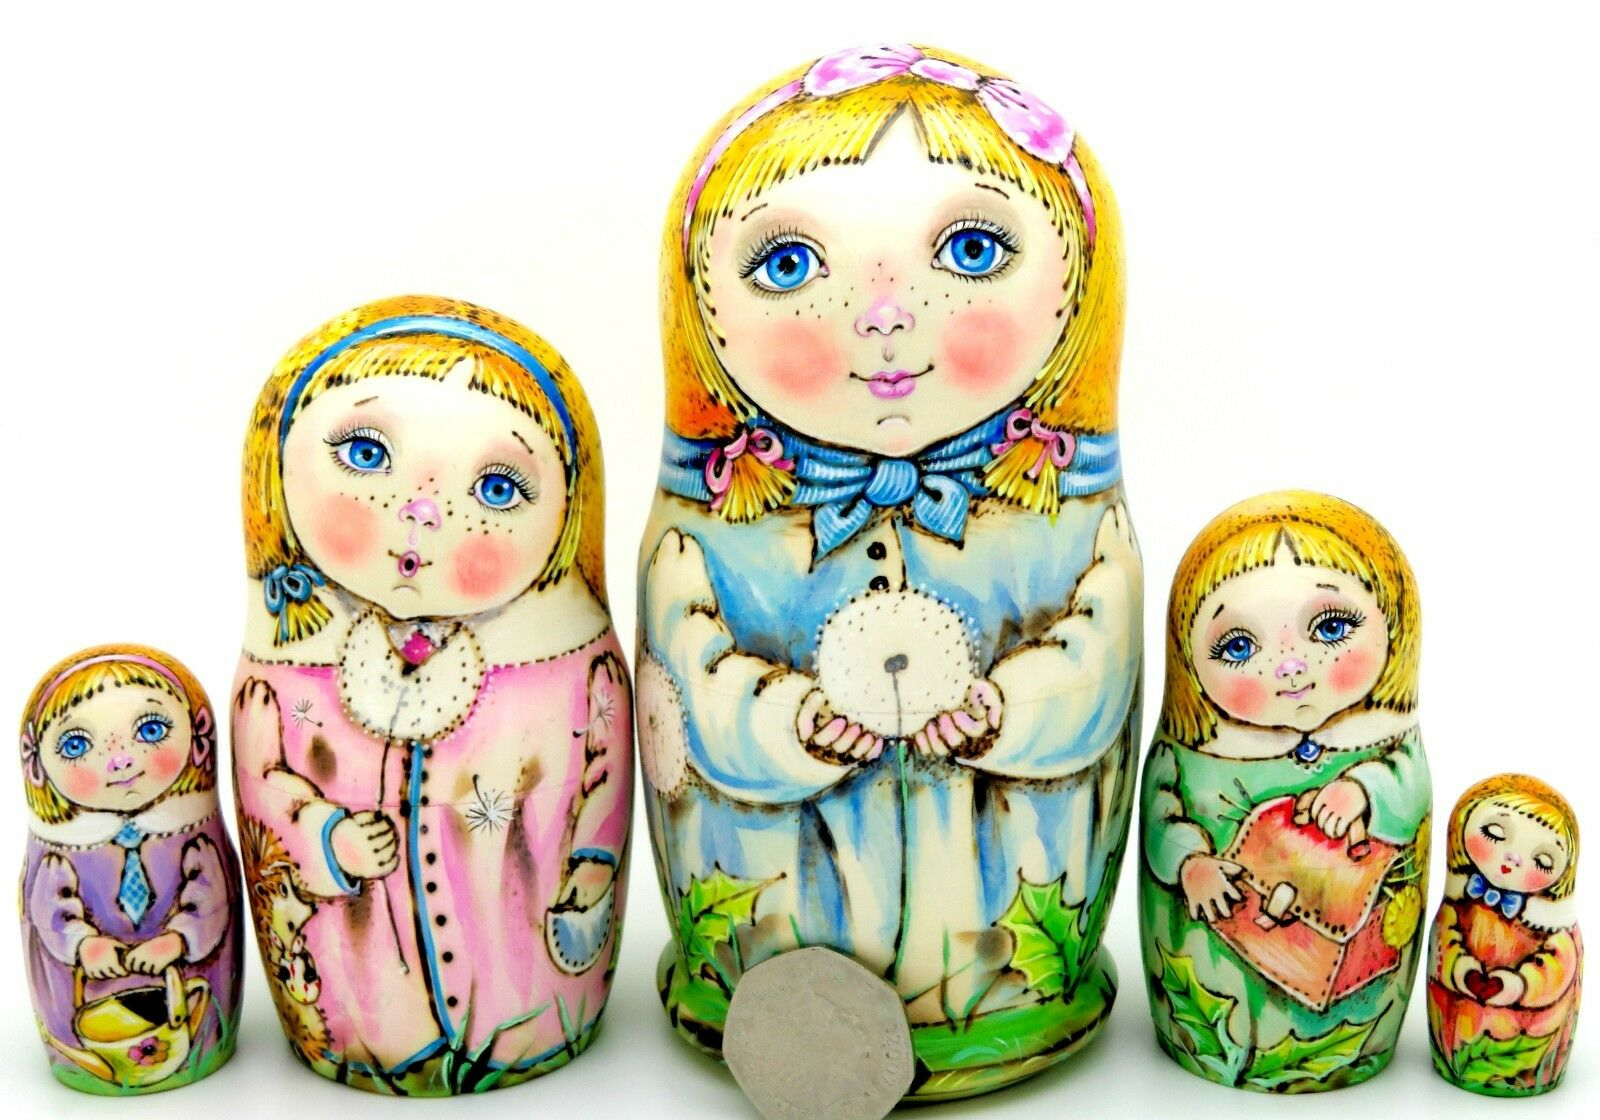 Verschachtelte Russisch Puppen Matryoshka Babuschka 5 Brandmalerei Mädchen